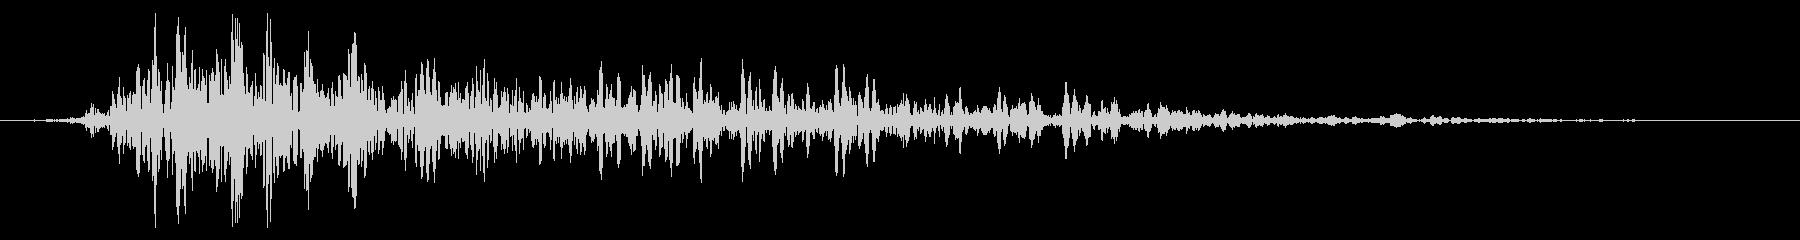 ワーム モンスター ゲーム ダメージ 中の未再生の波形